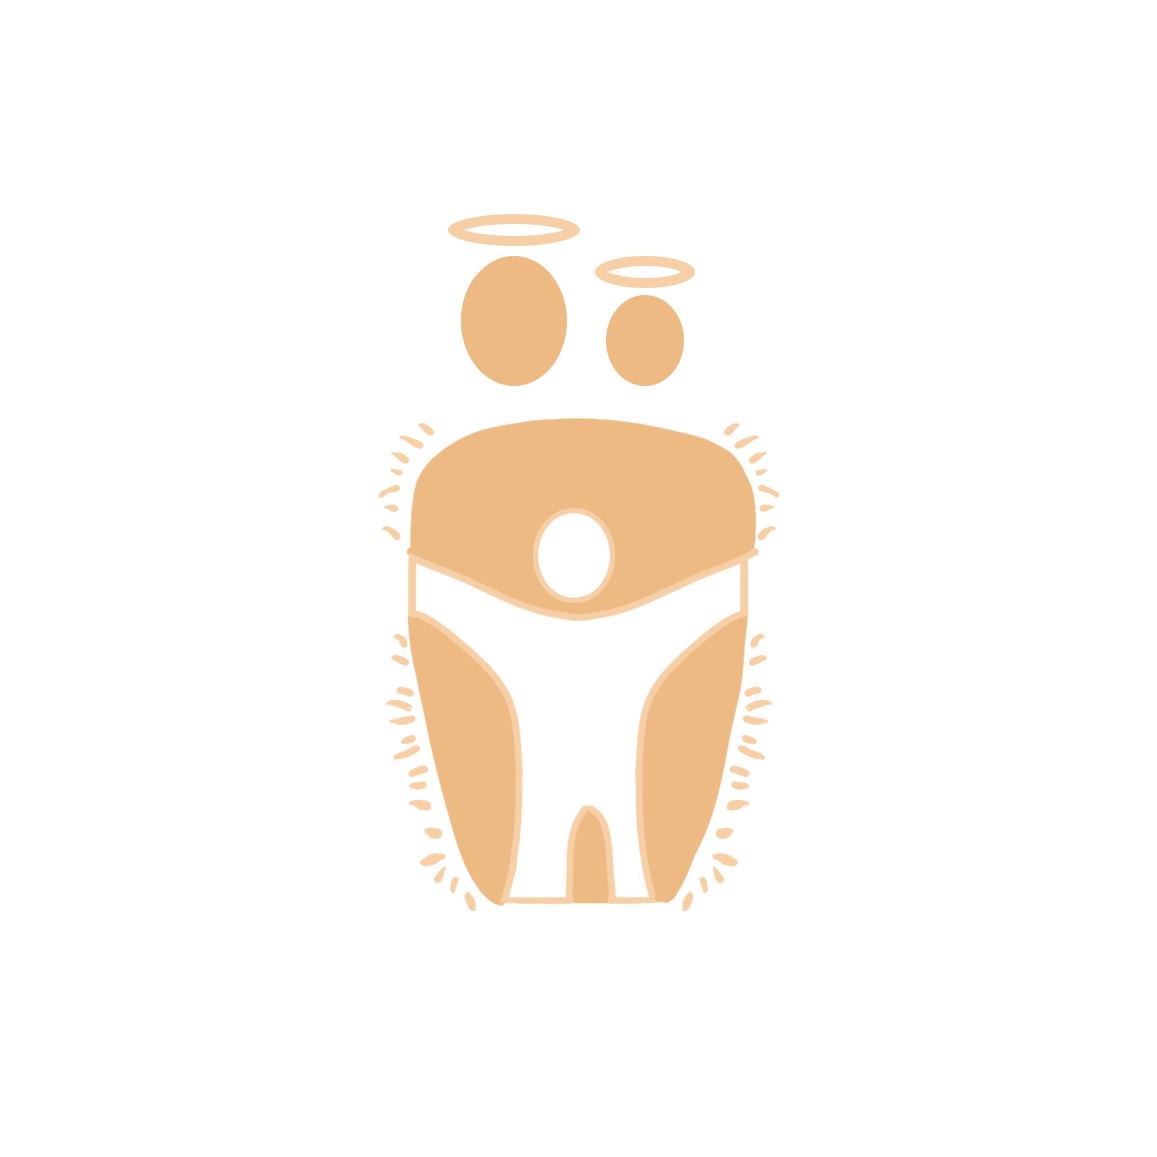 Логотип для крестильной одежды(детской). фото f_9955d4d3c44a19a8.png